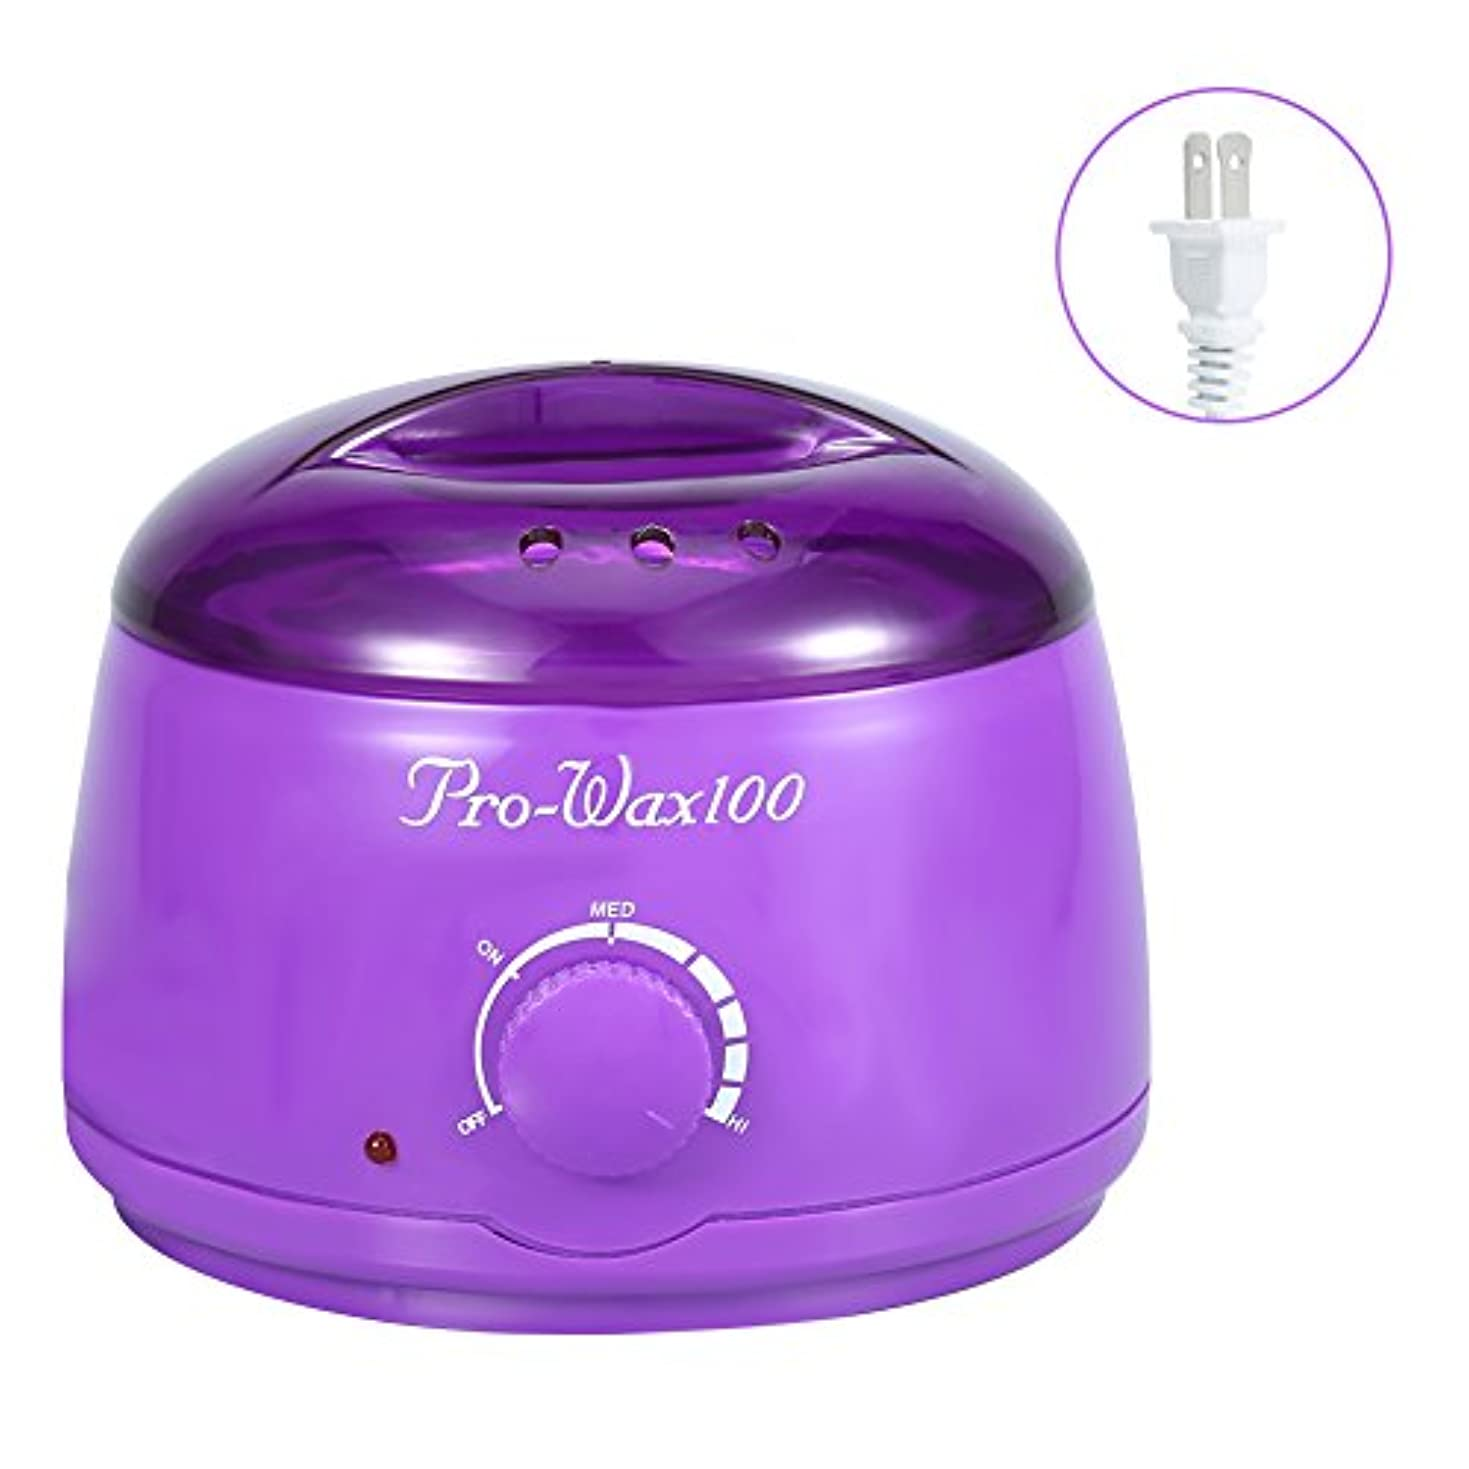 品カスケードエントリワックス脱毛ワックスヒーター+ 4 x 100g異なるワックス豆+ 10個ワックススティックプロフェッショナルワックス脱毛セット(紫色)